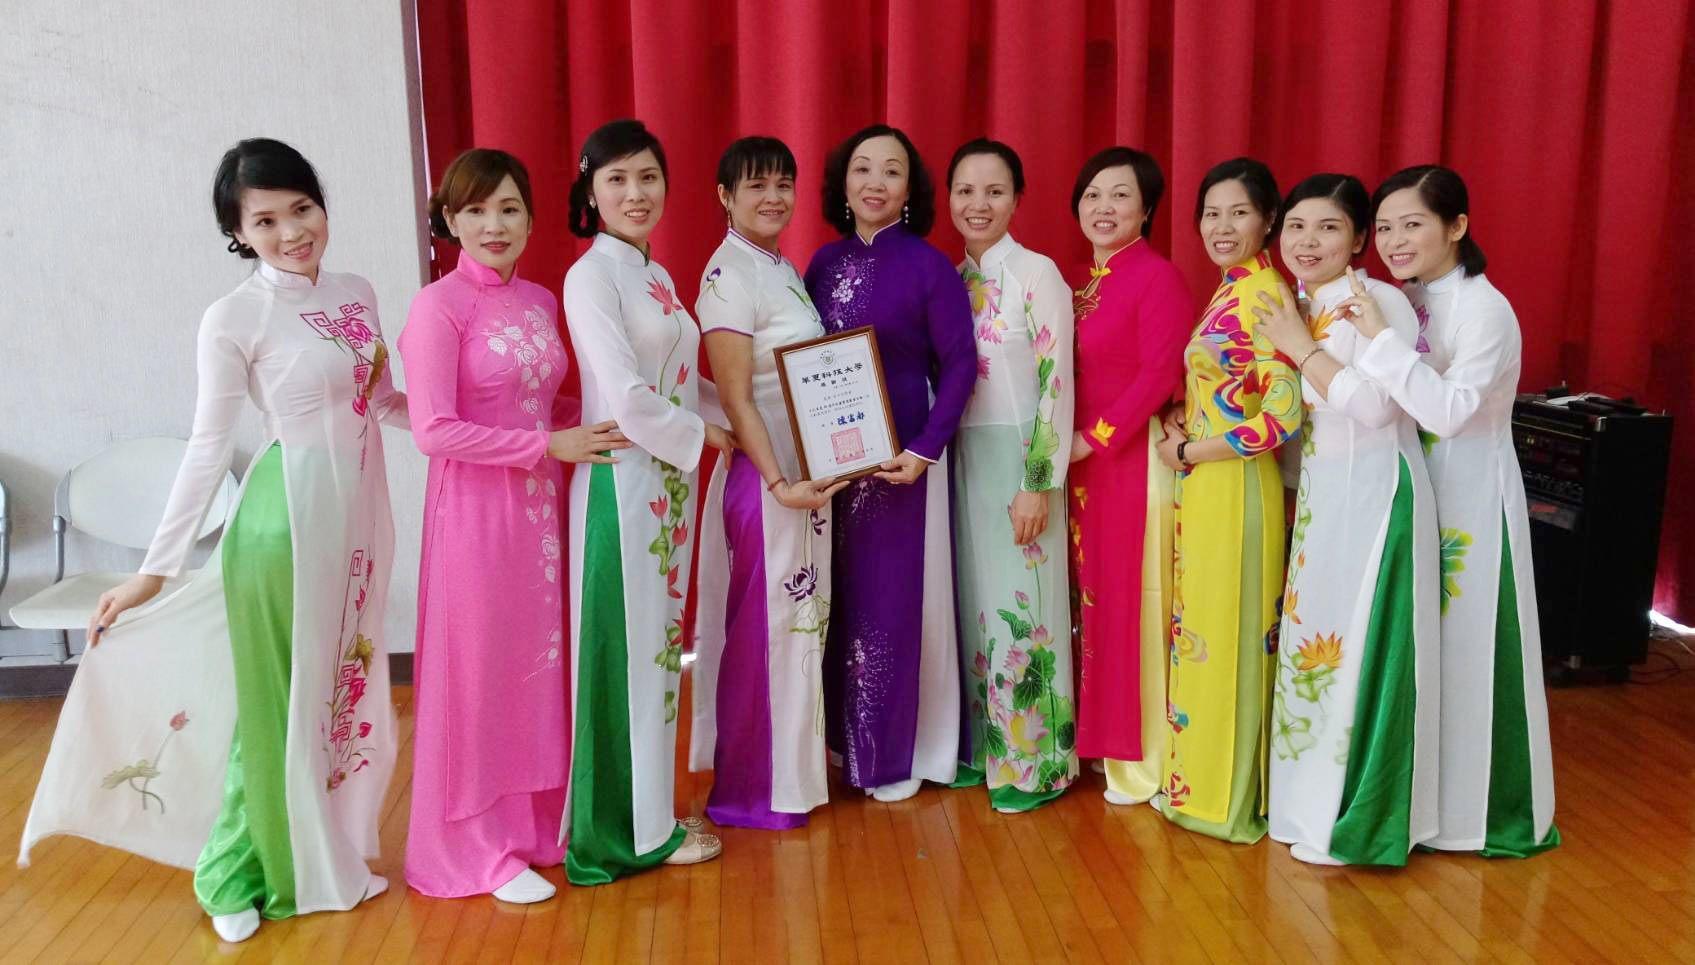 Grup Nanyang Dong Le Hui mendapatkan sertifikat setelah tampil di salah satu acara